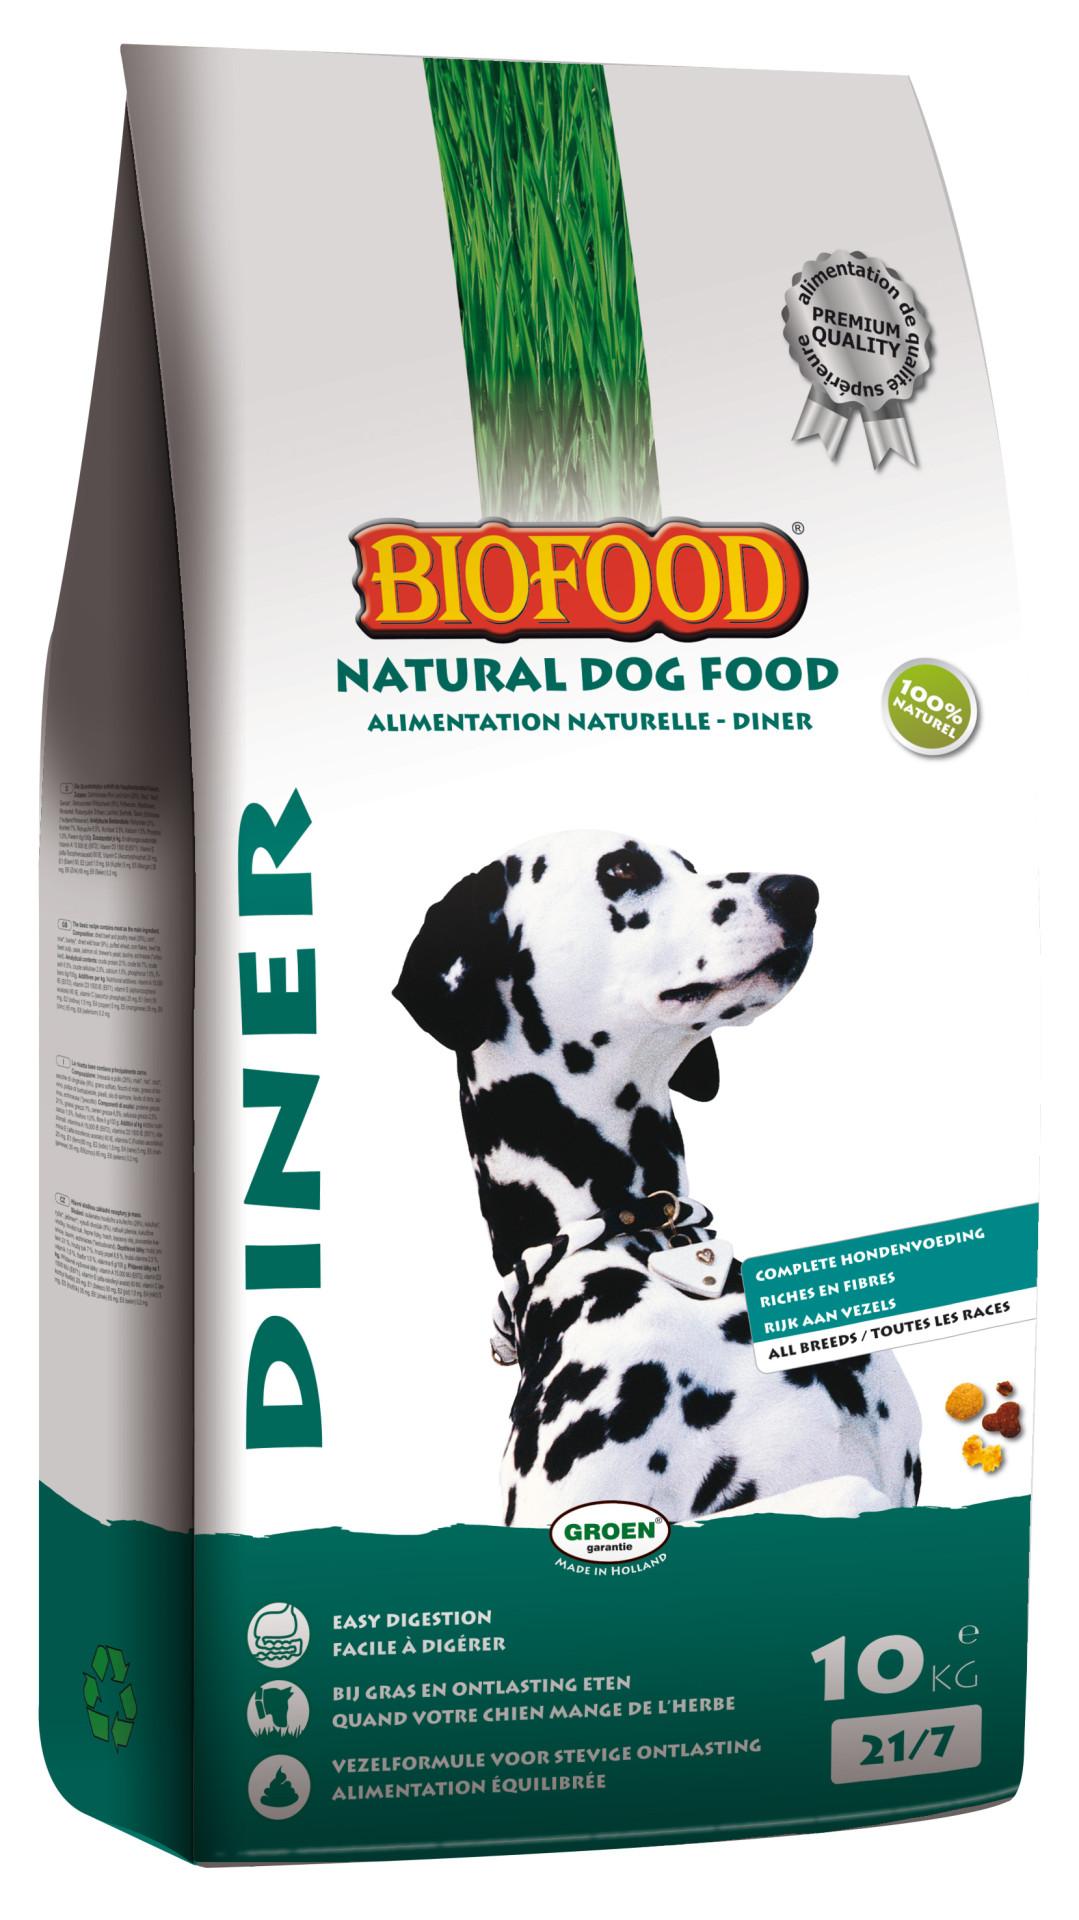 Biofood hondenvoer Diner 10 kg